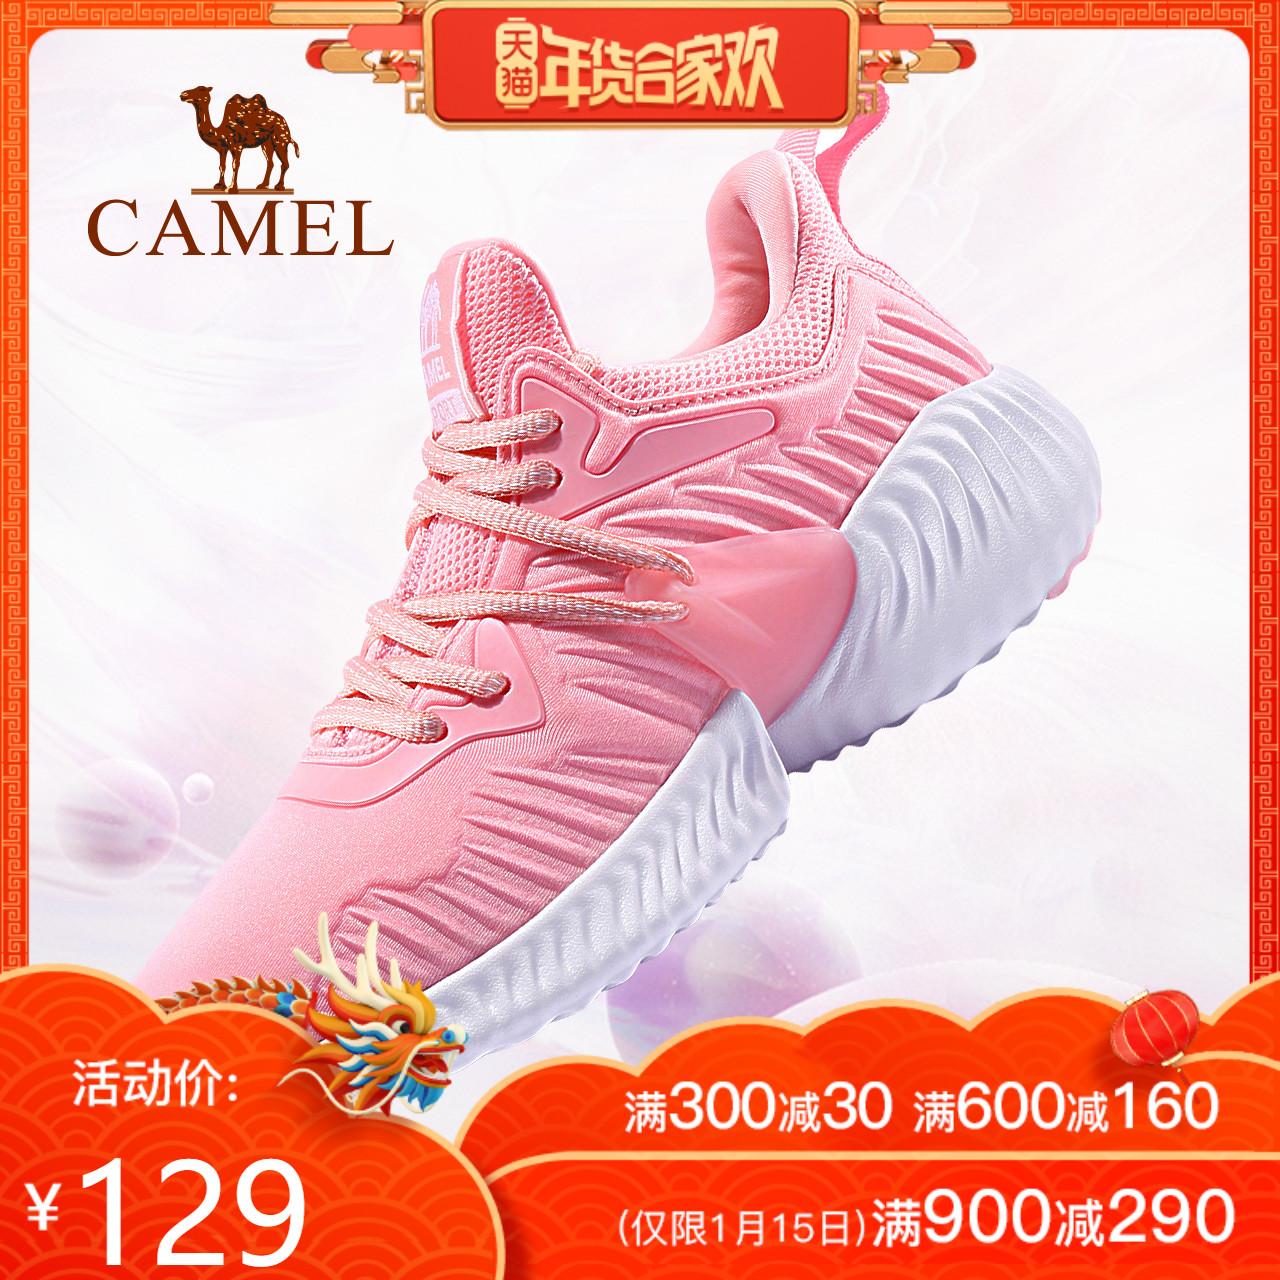 CAMEL/骆驼户外徒步女鞋 野外休闲百搭舒适透气防滑耐磨旅游鞋女